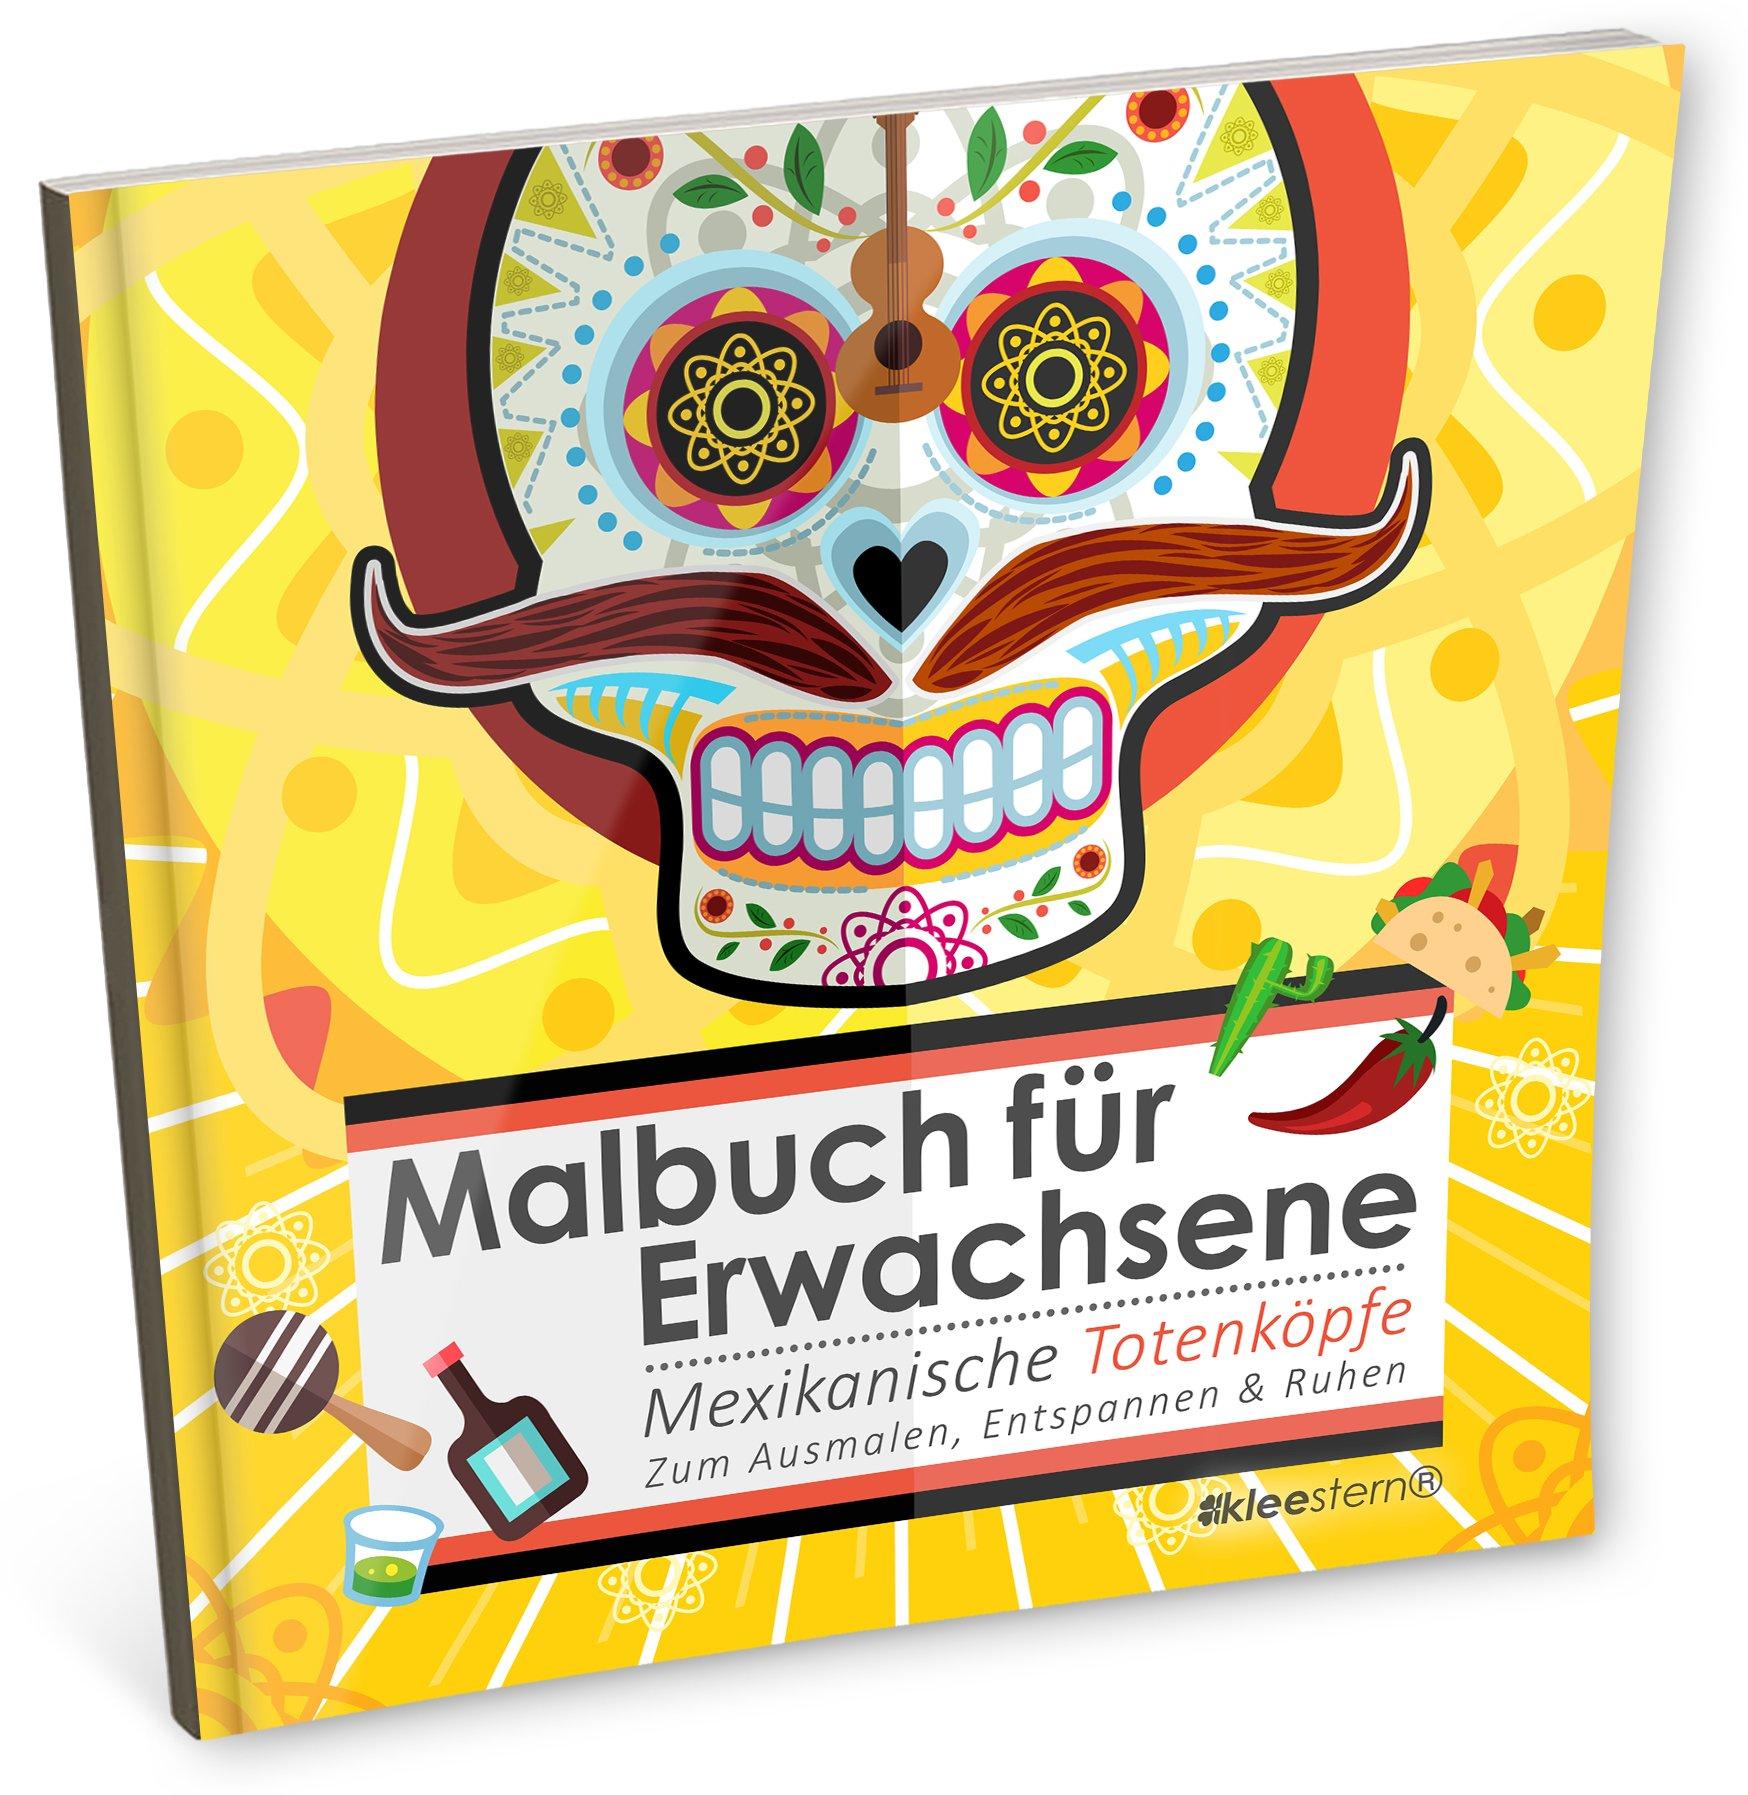 Malbuch für Erwachsene: Mexikanische Totenköpfe zum Ausmalen ...